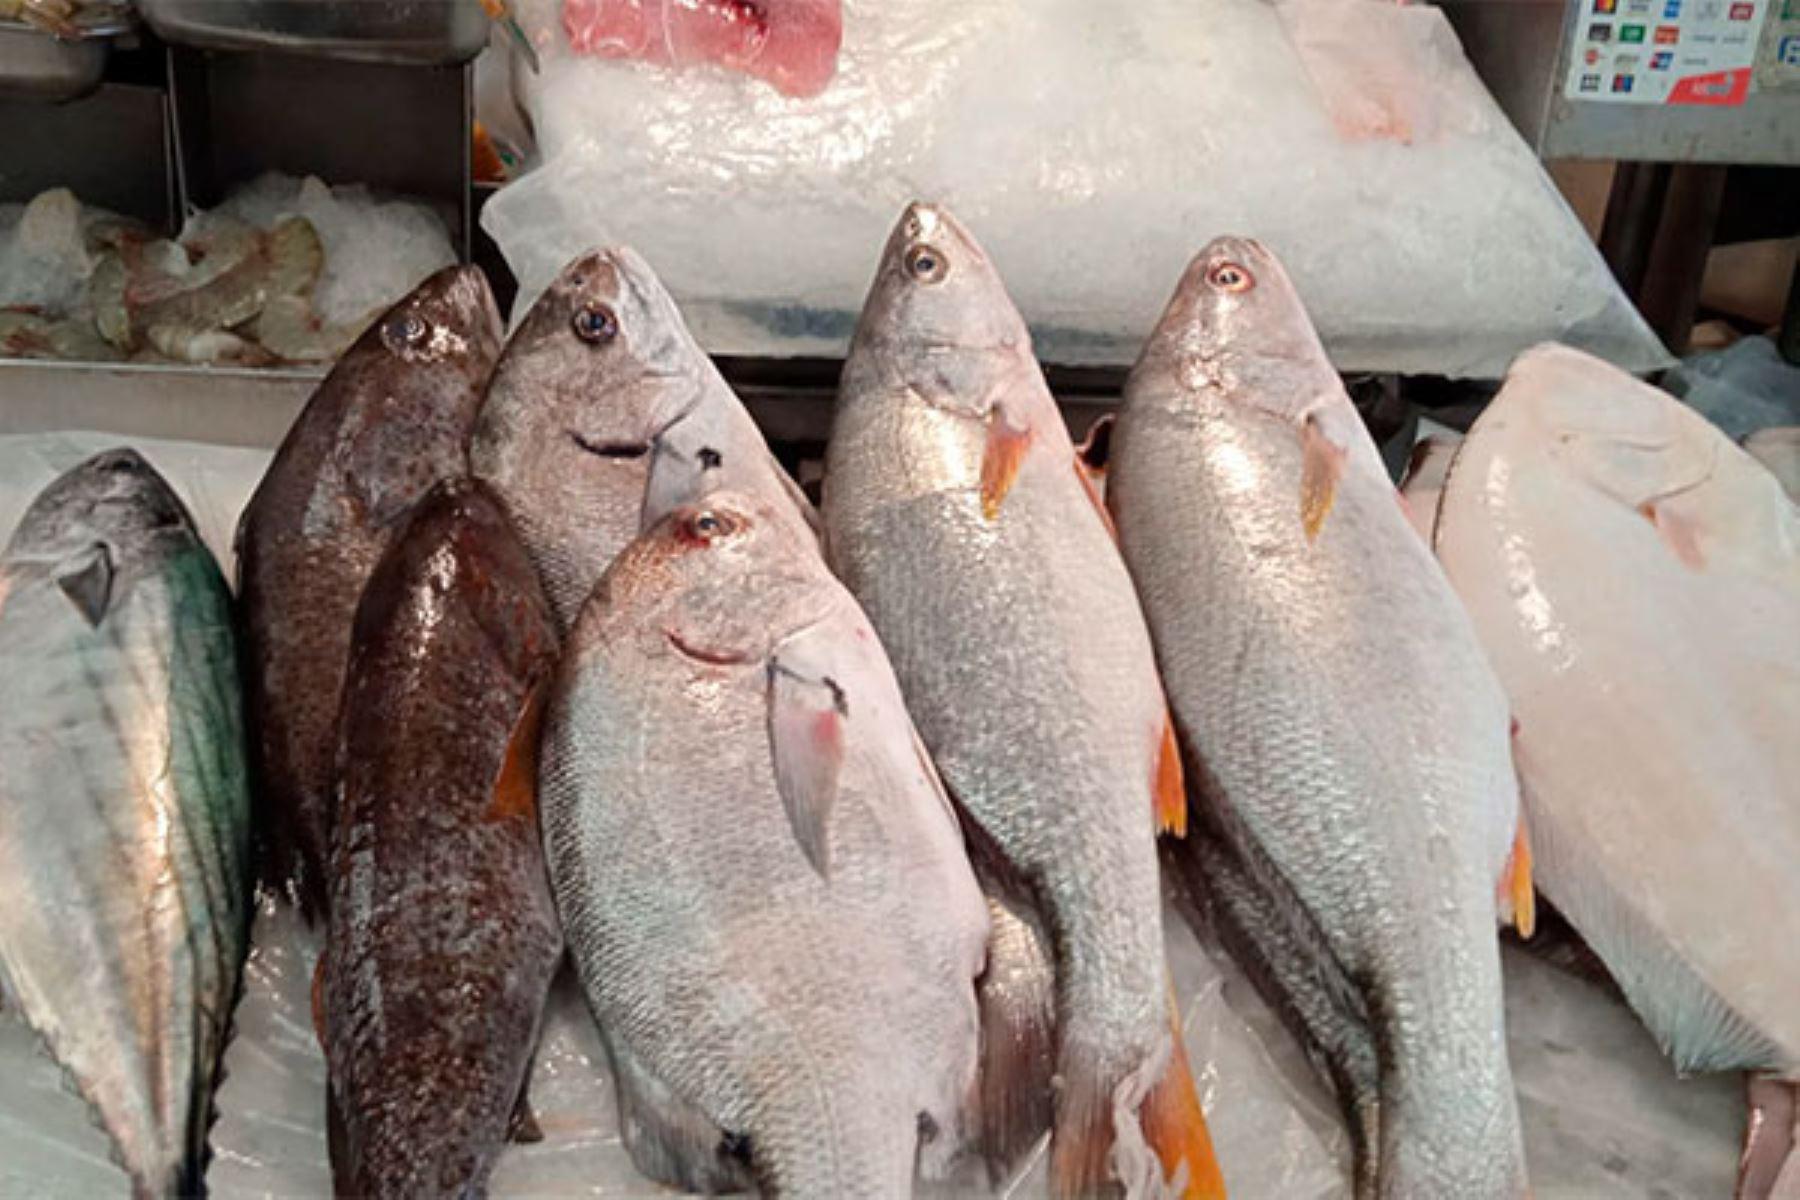 Nutricionistas recomiendan consumir pescado ante el alza del pollo y la carne en mercados